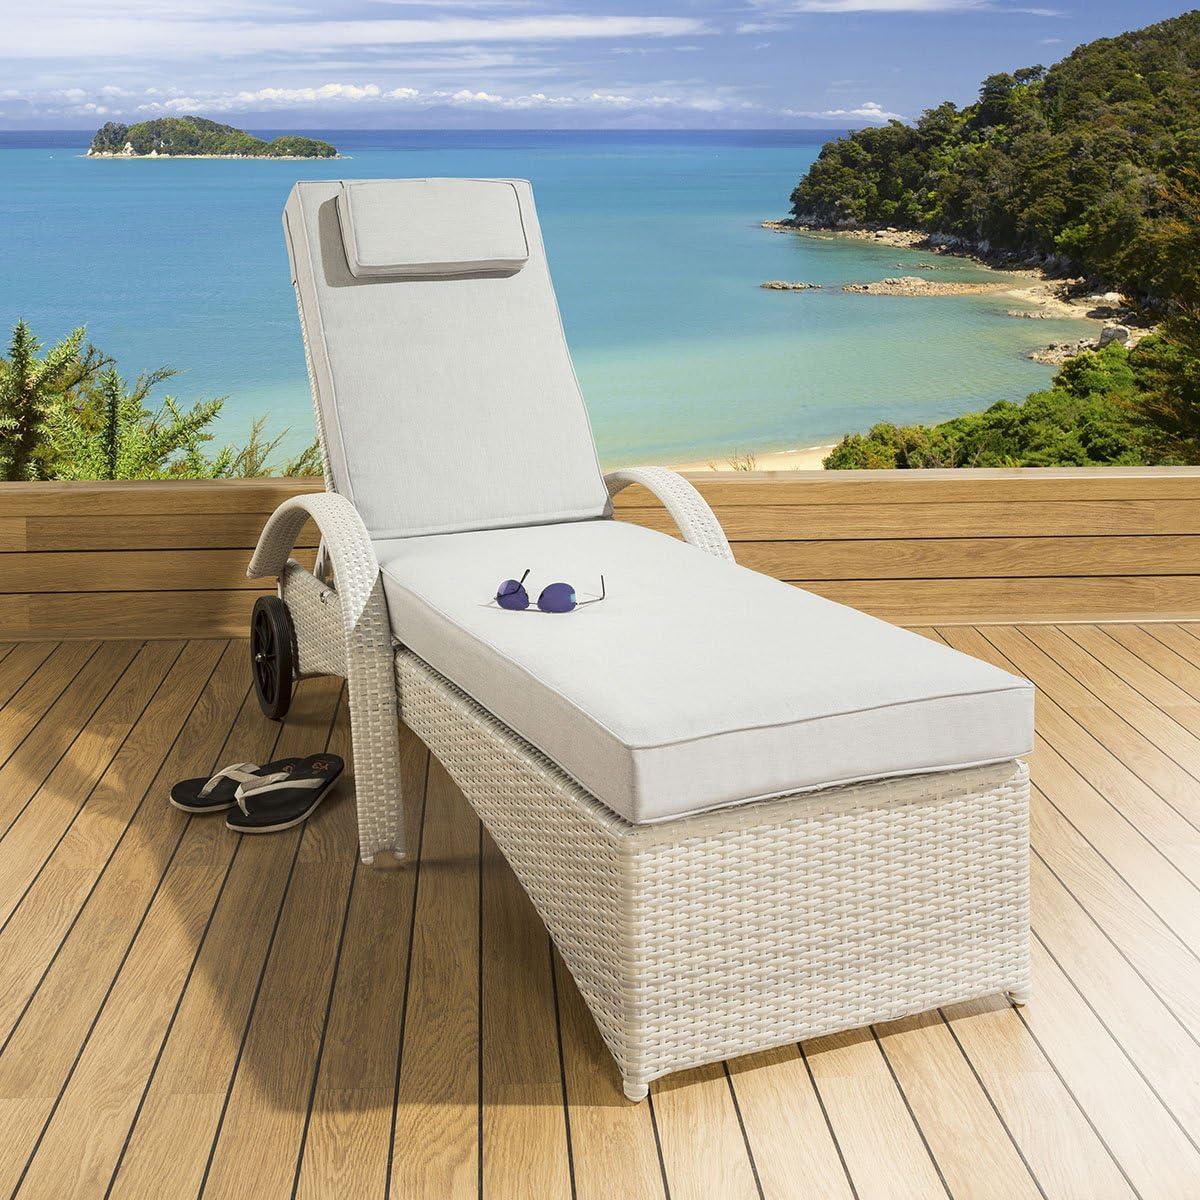 Gran lujo Garden tumbona de ratán/tomando el sol/Day Bed piedra ...